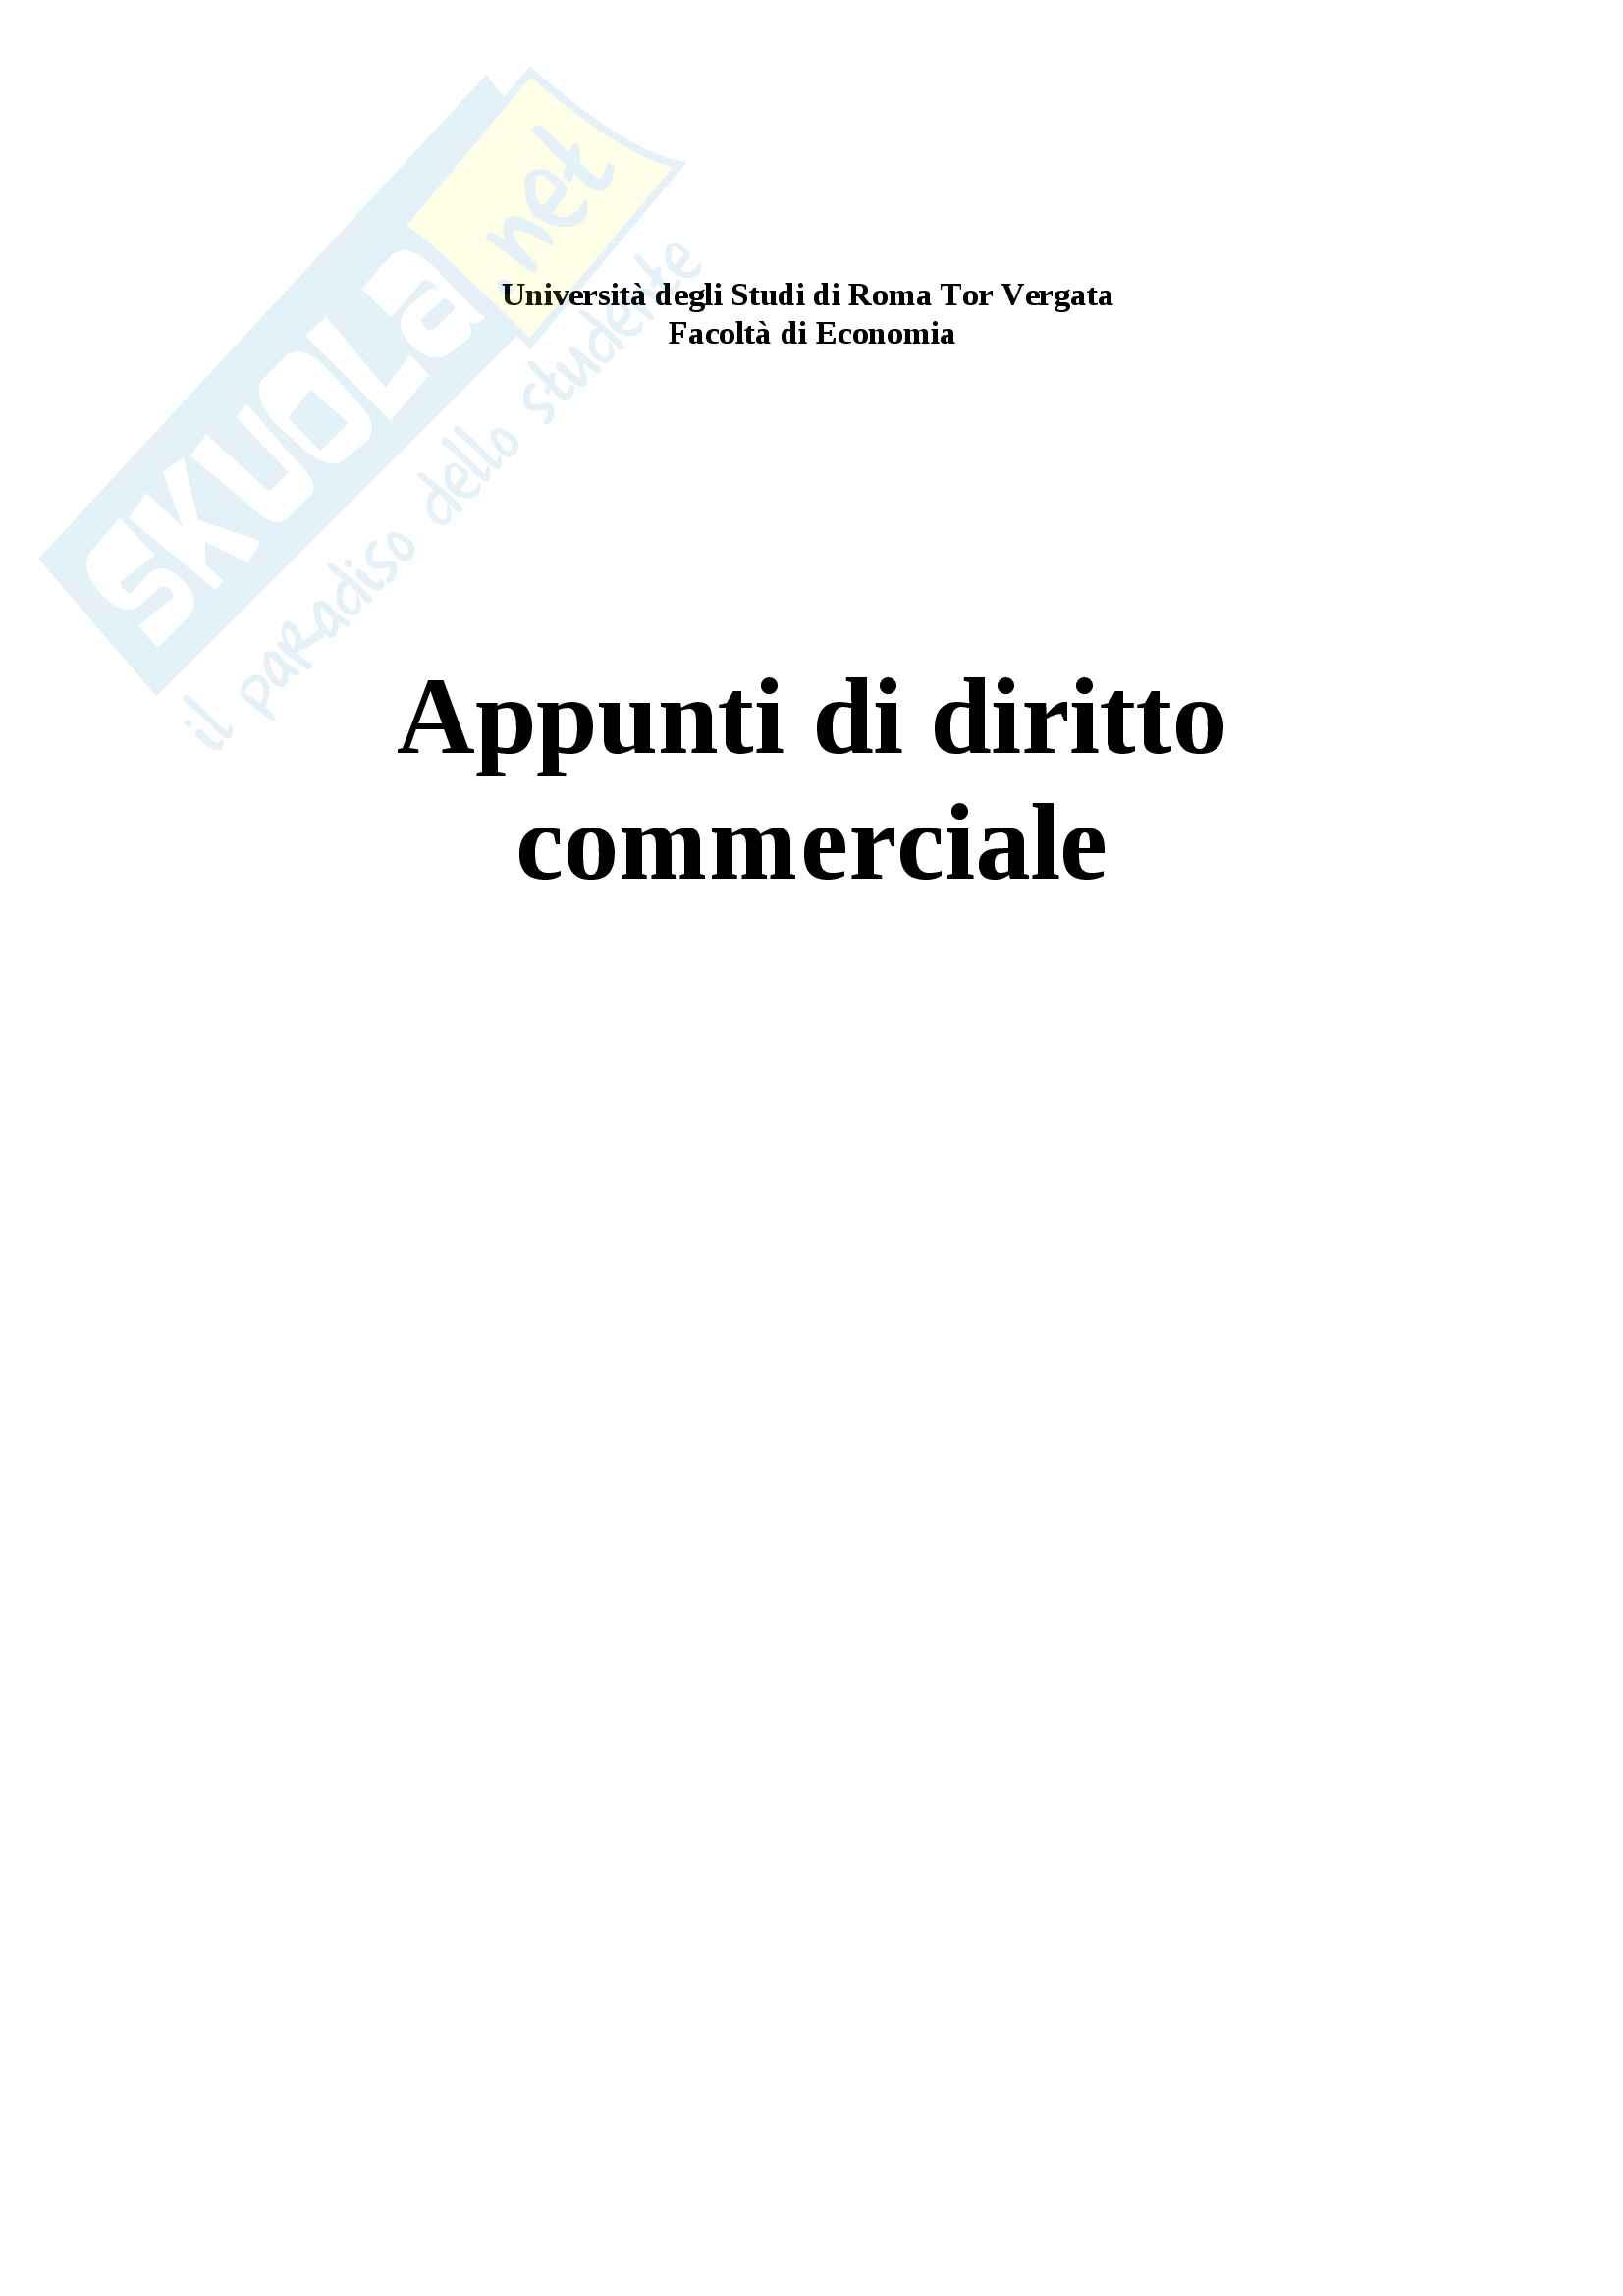 Riassunto esame diritto commerciale, Docente Santoni, Libro Manuale diritto commerciale, Campobasso